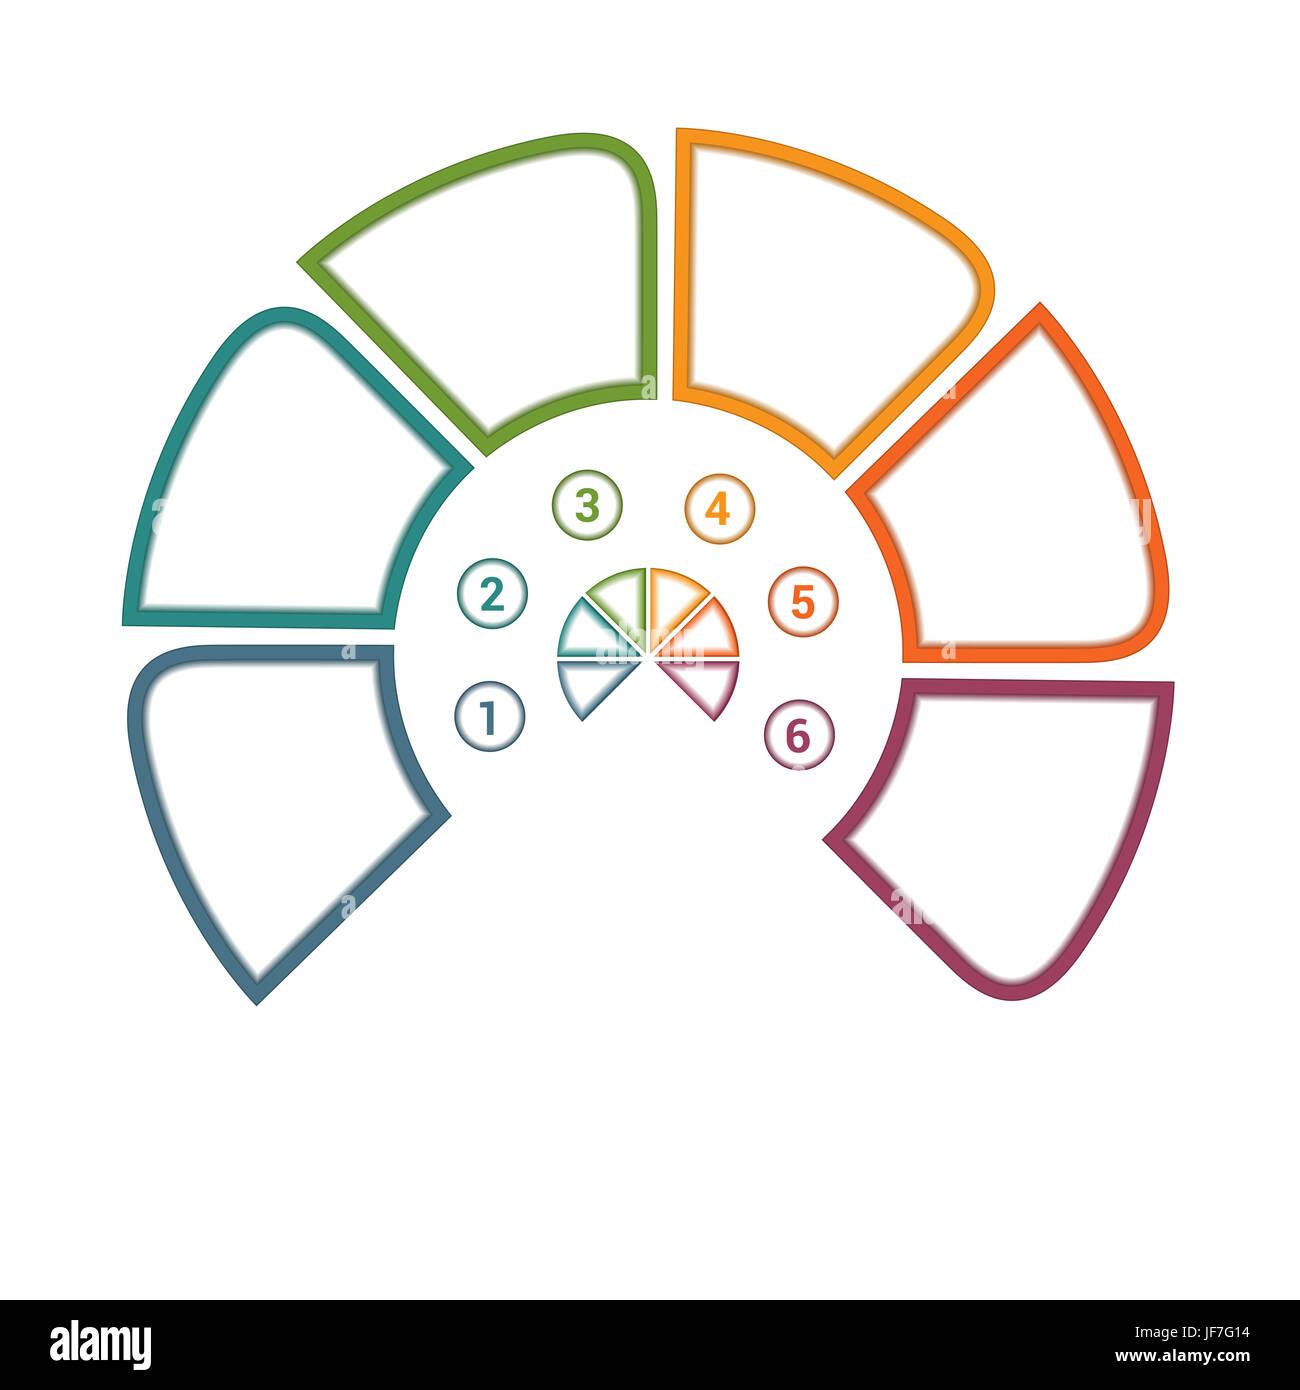 Fantastisch Geschäftsmöglichkeit Analyse Vorlage Ideen - Beispiel ...